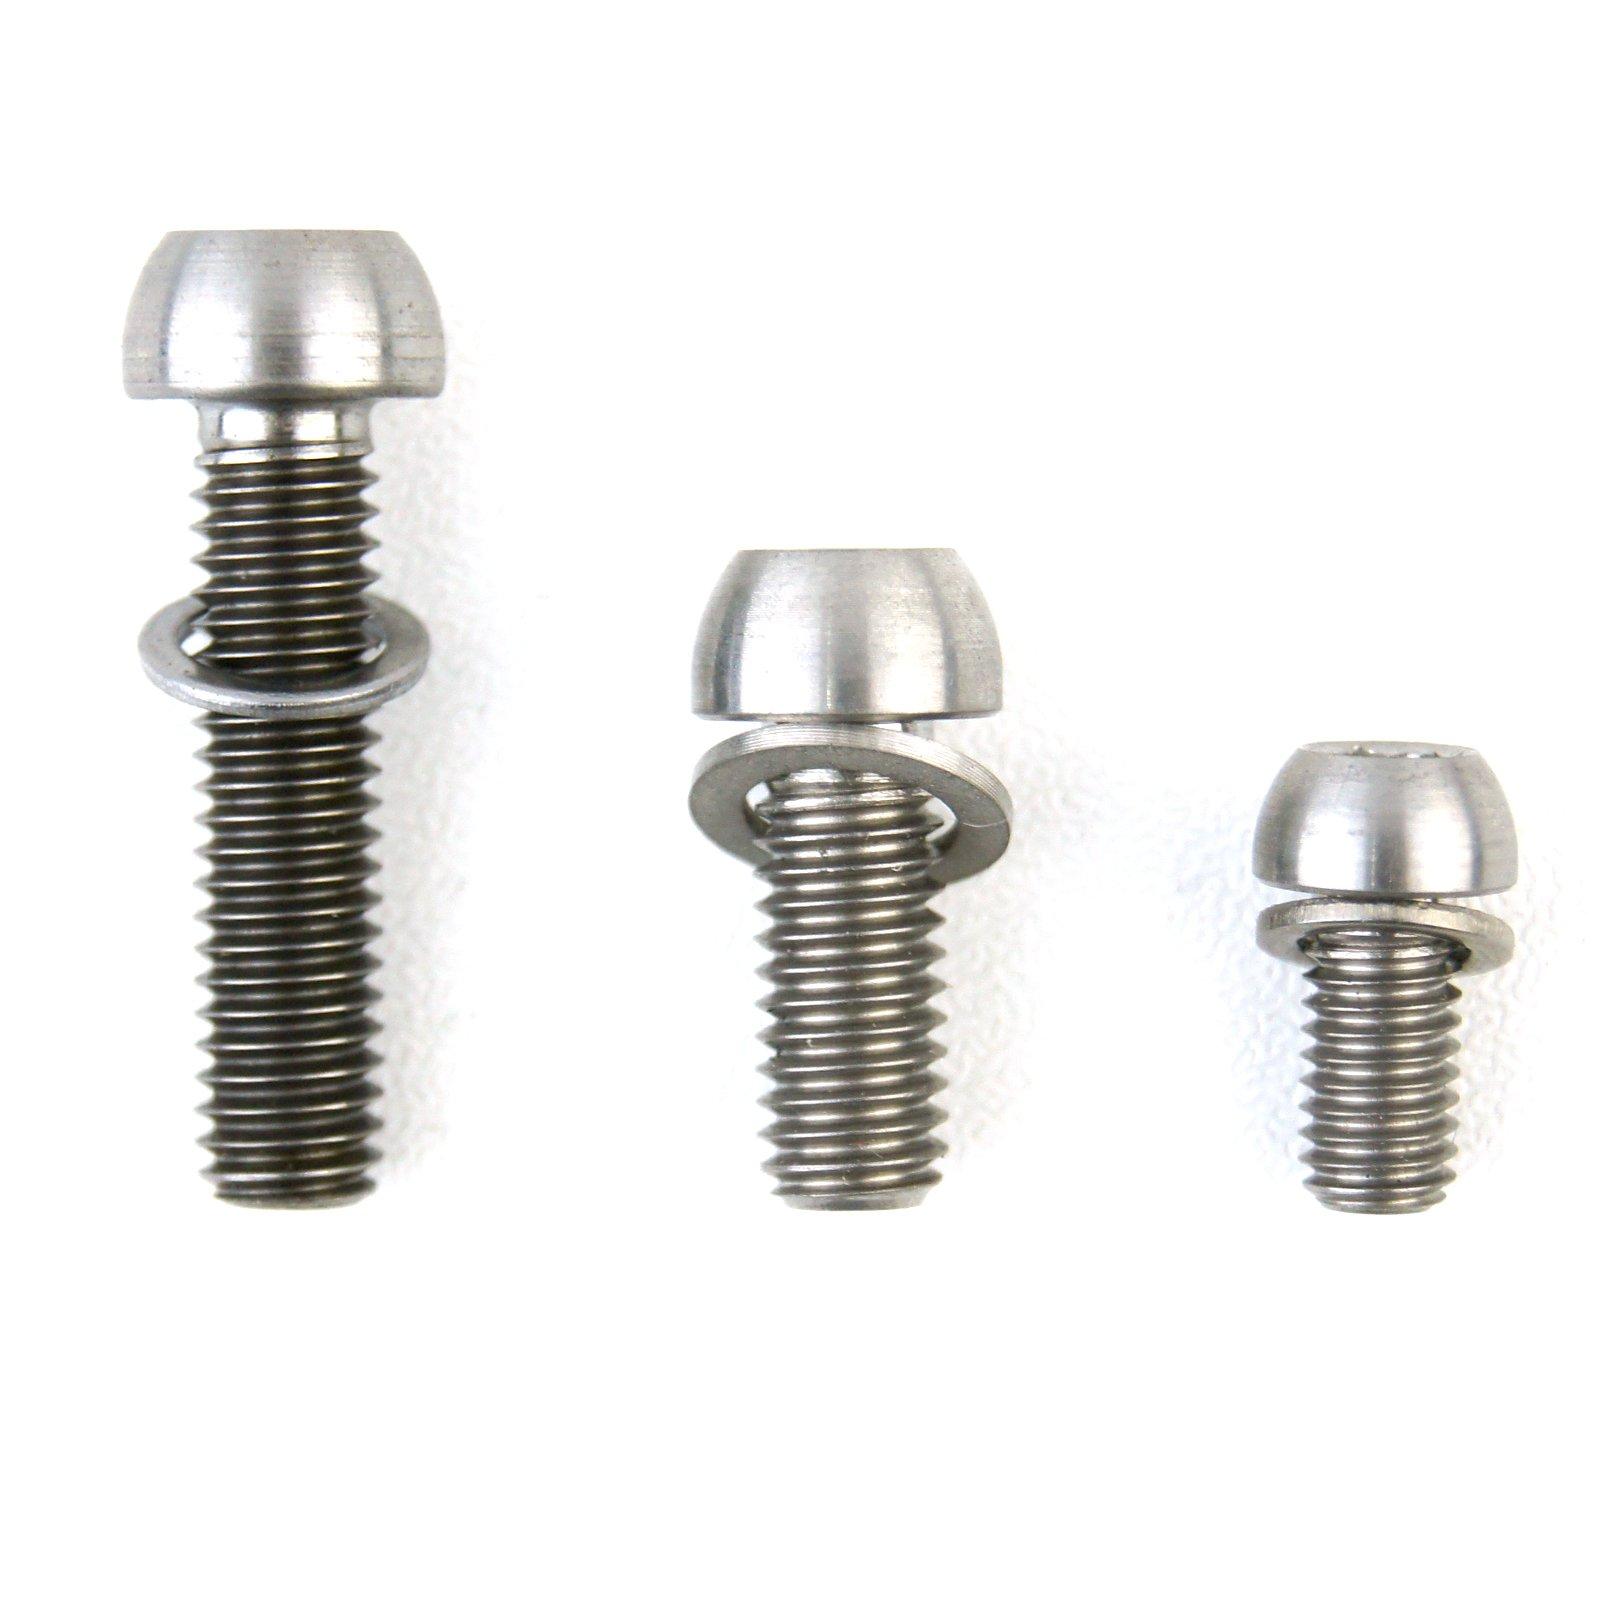 Brand New 2 Pcs Titanium Allen Washer Hex Water Bottle Cage Bolts M5x12 Screws